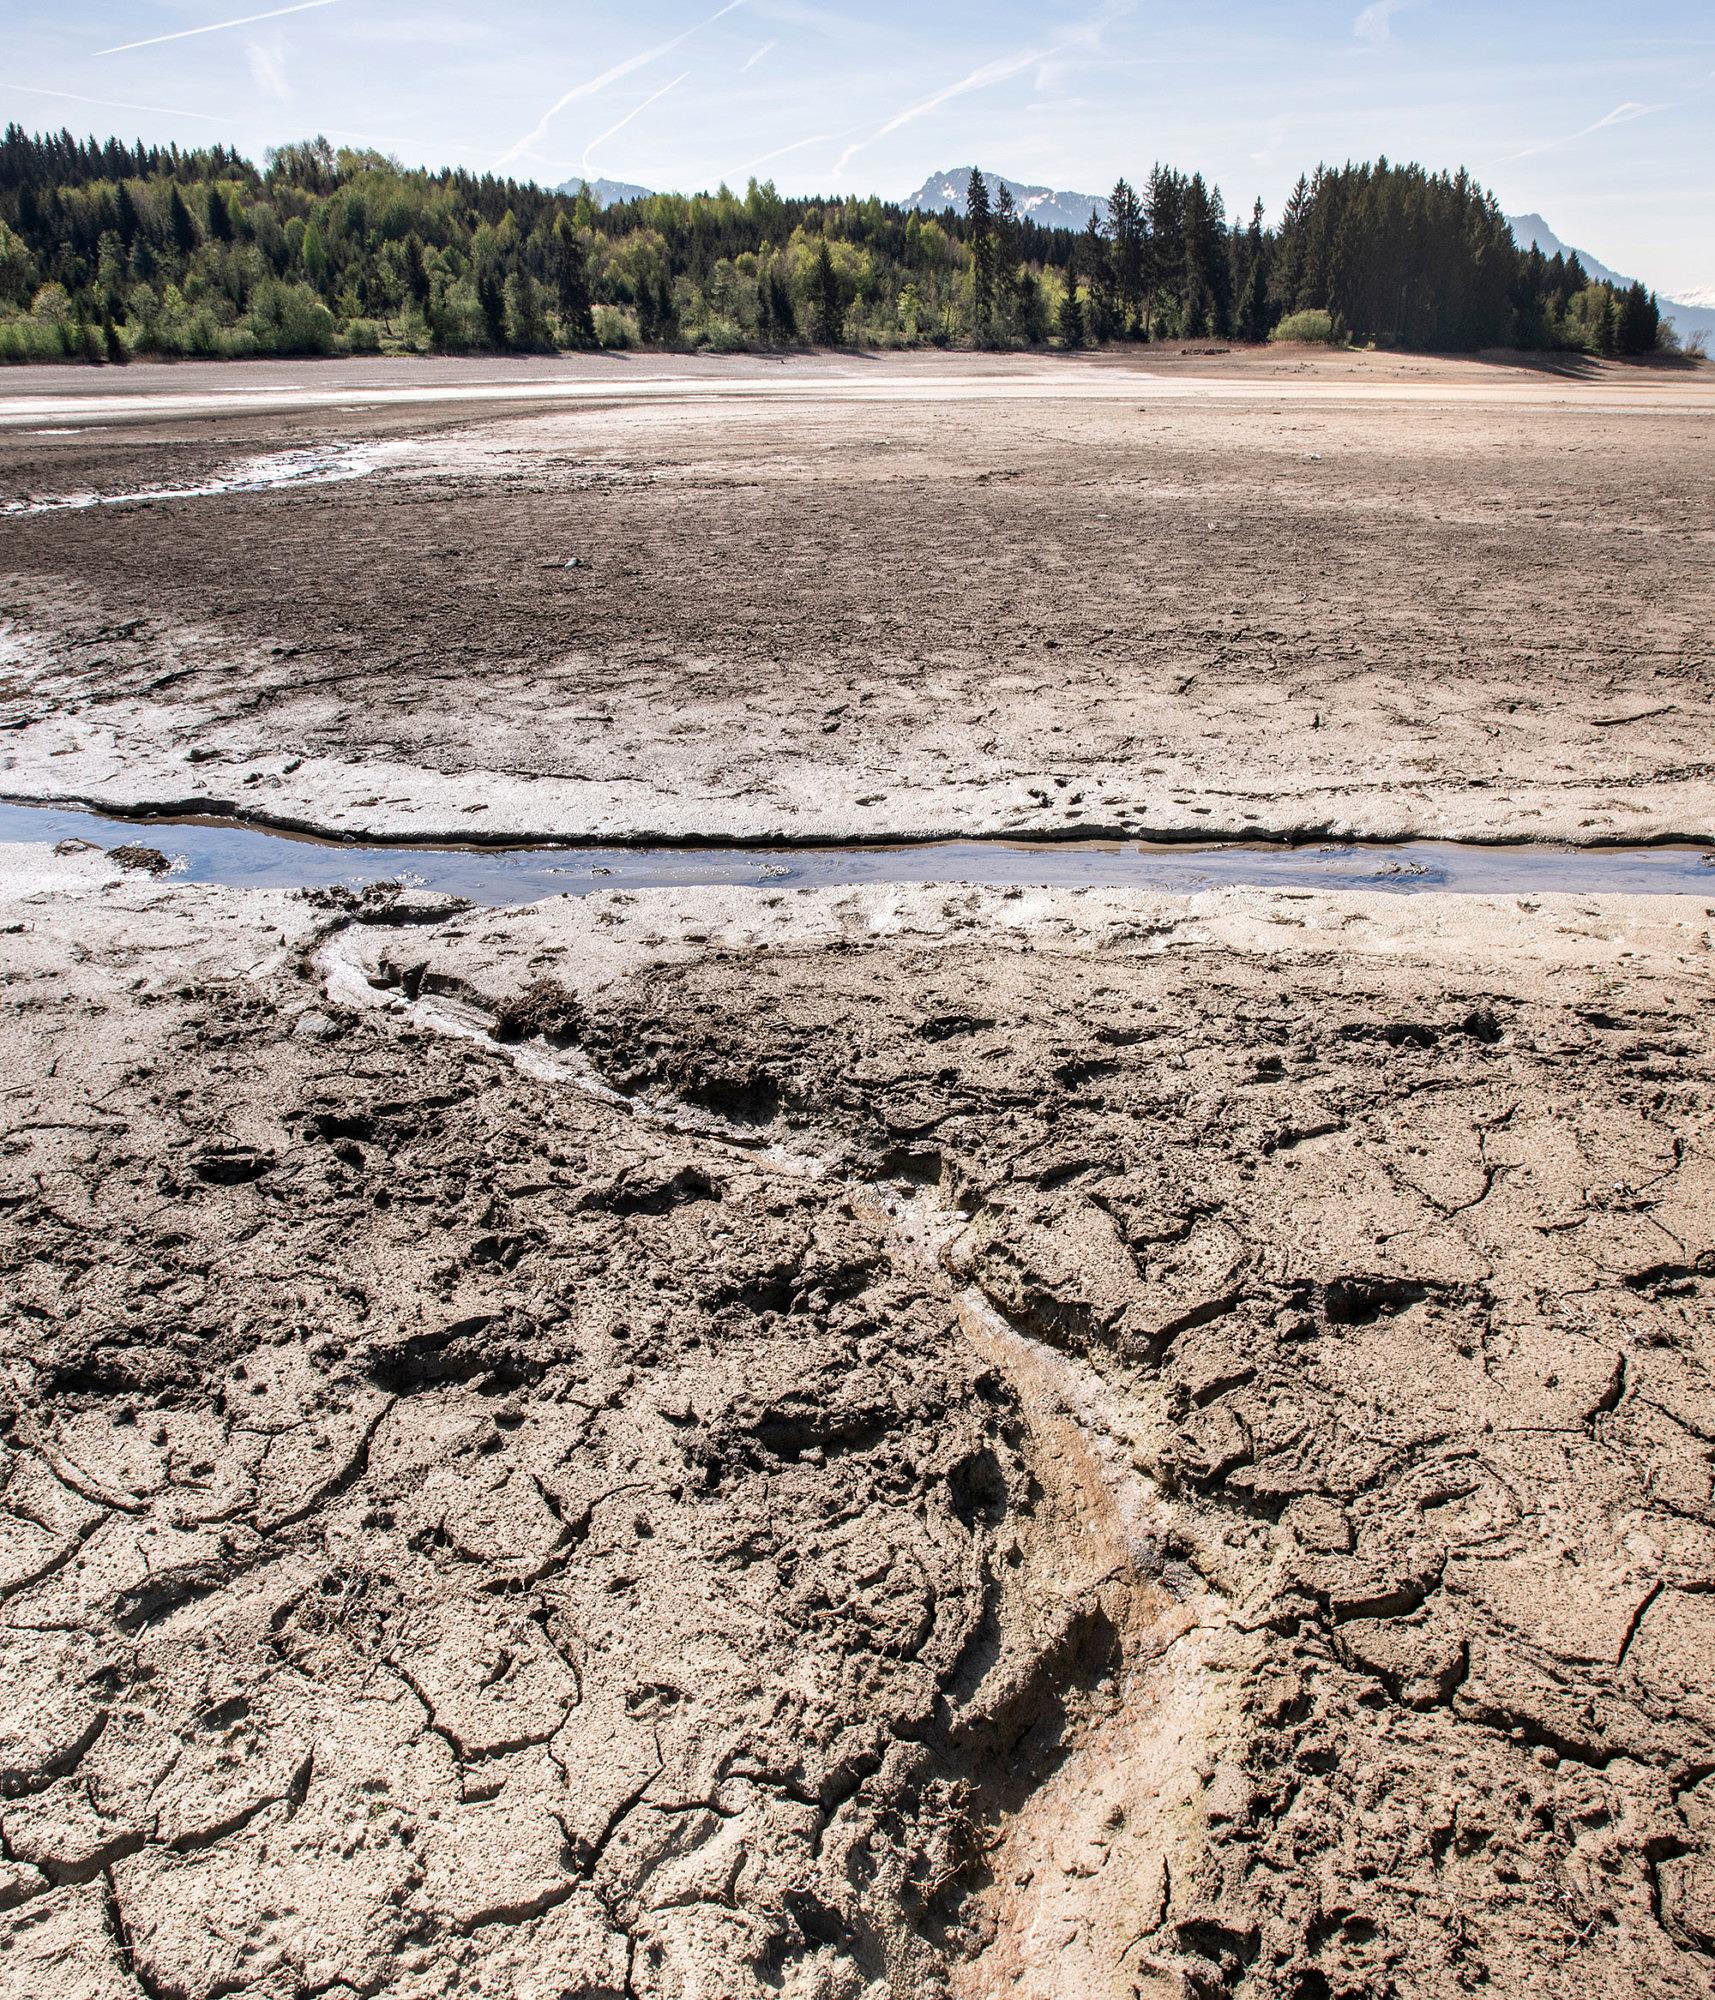 Dürre und Trockenheit wegen Wassermangel